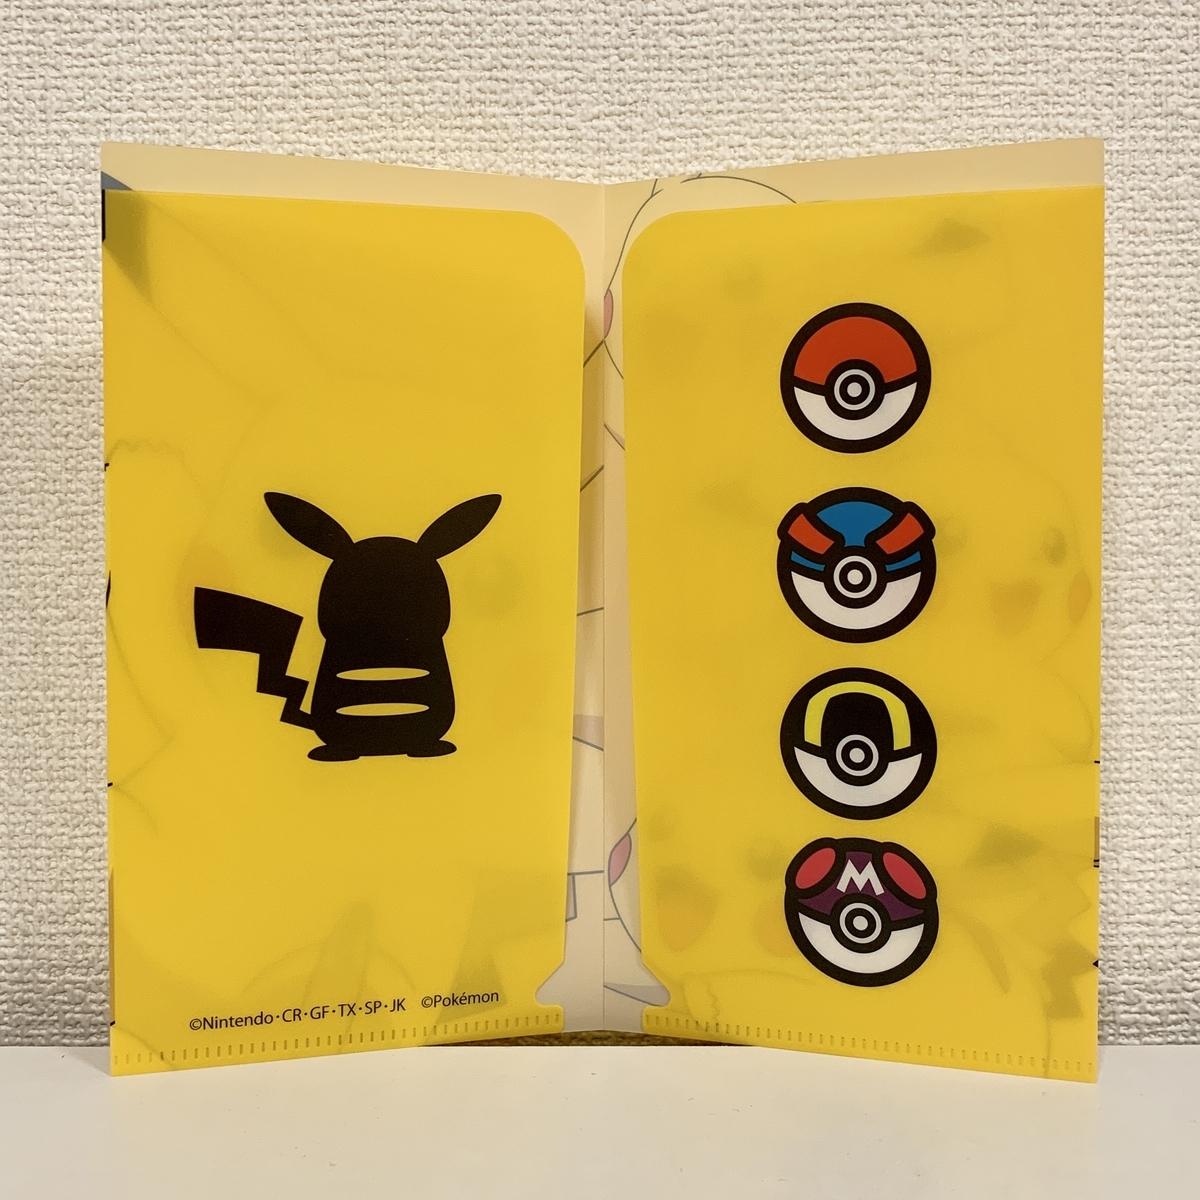 f:id:pikachu_pcn:20201119192200j:plain